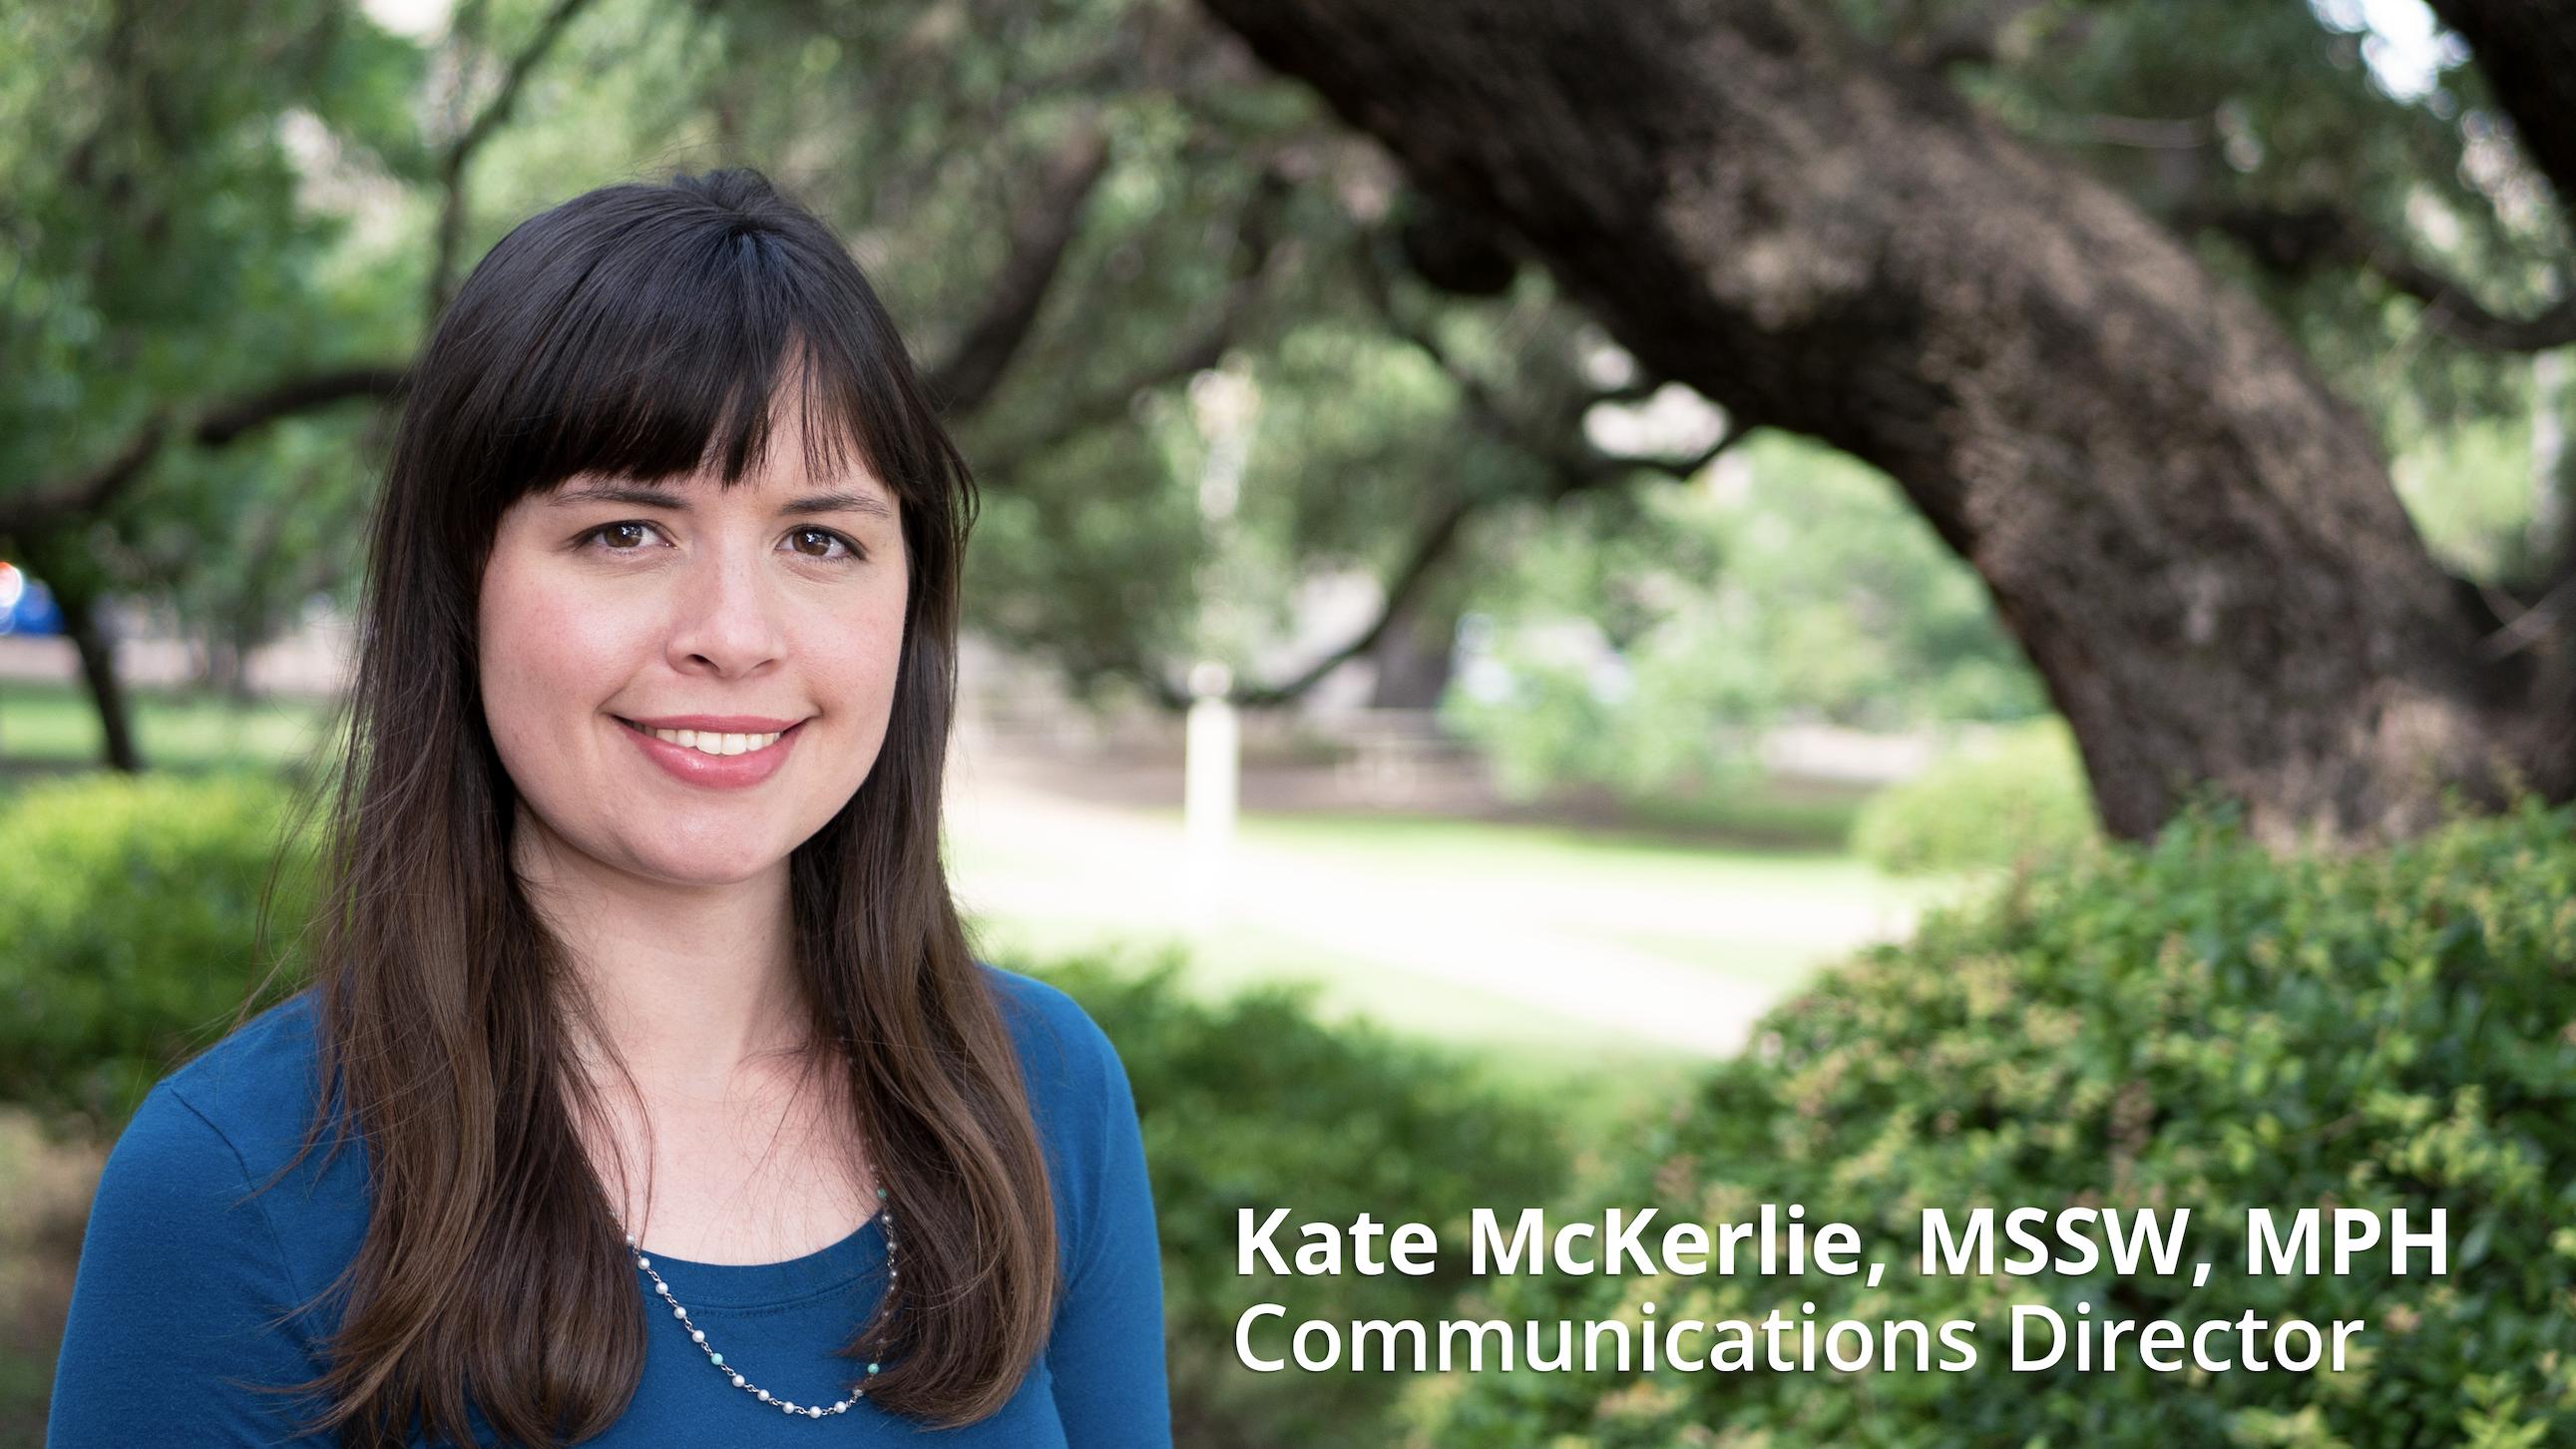 Kate McKerlie